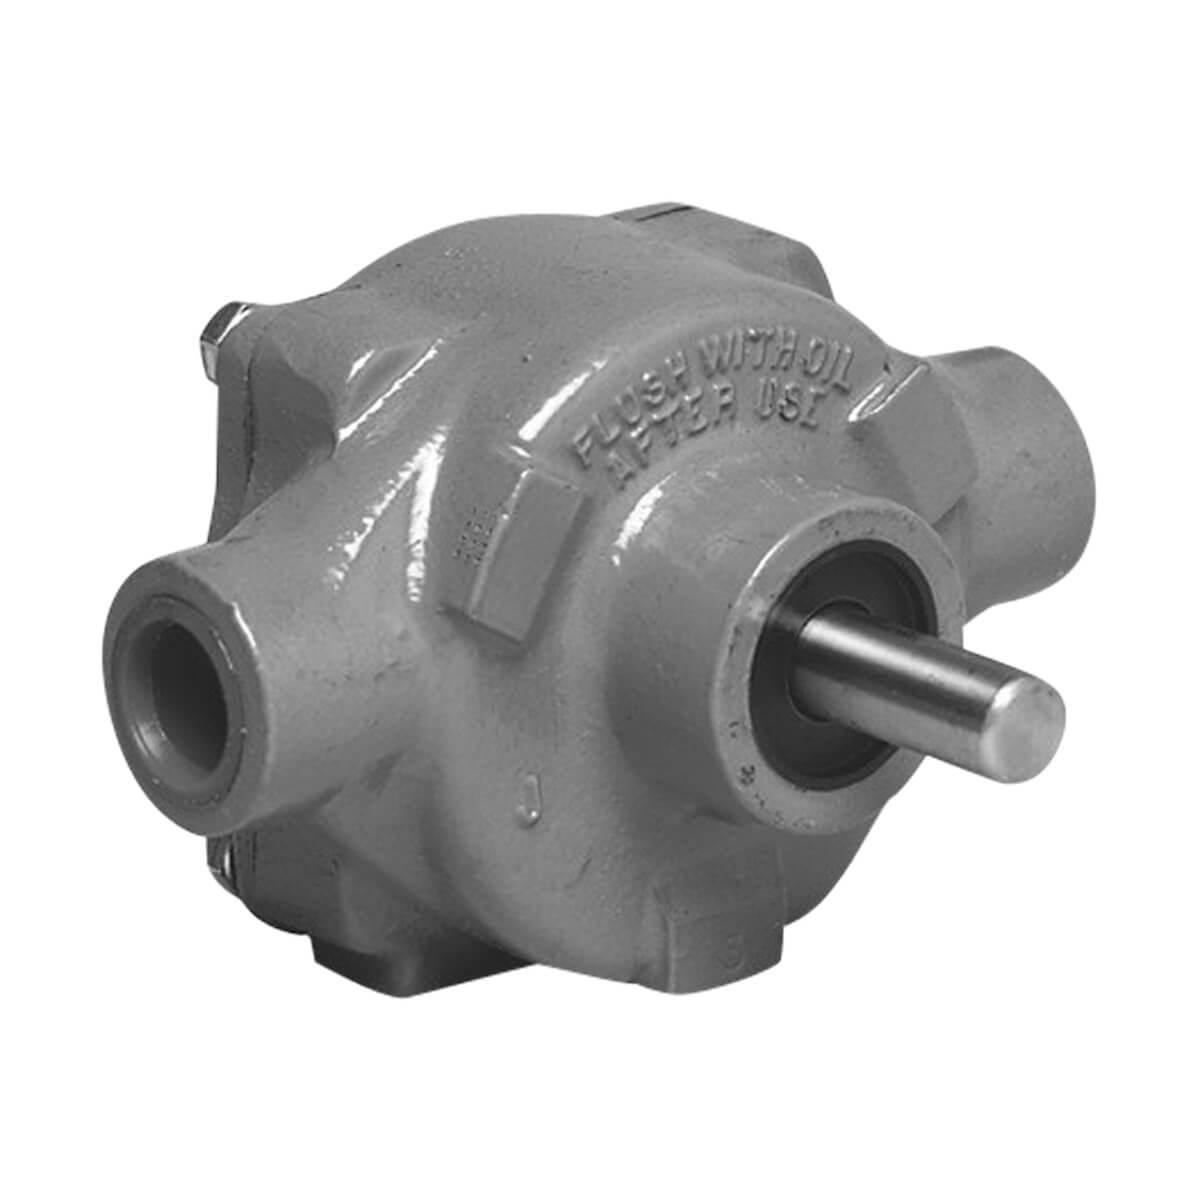 Hypro Roller Pumps - 1700C